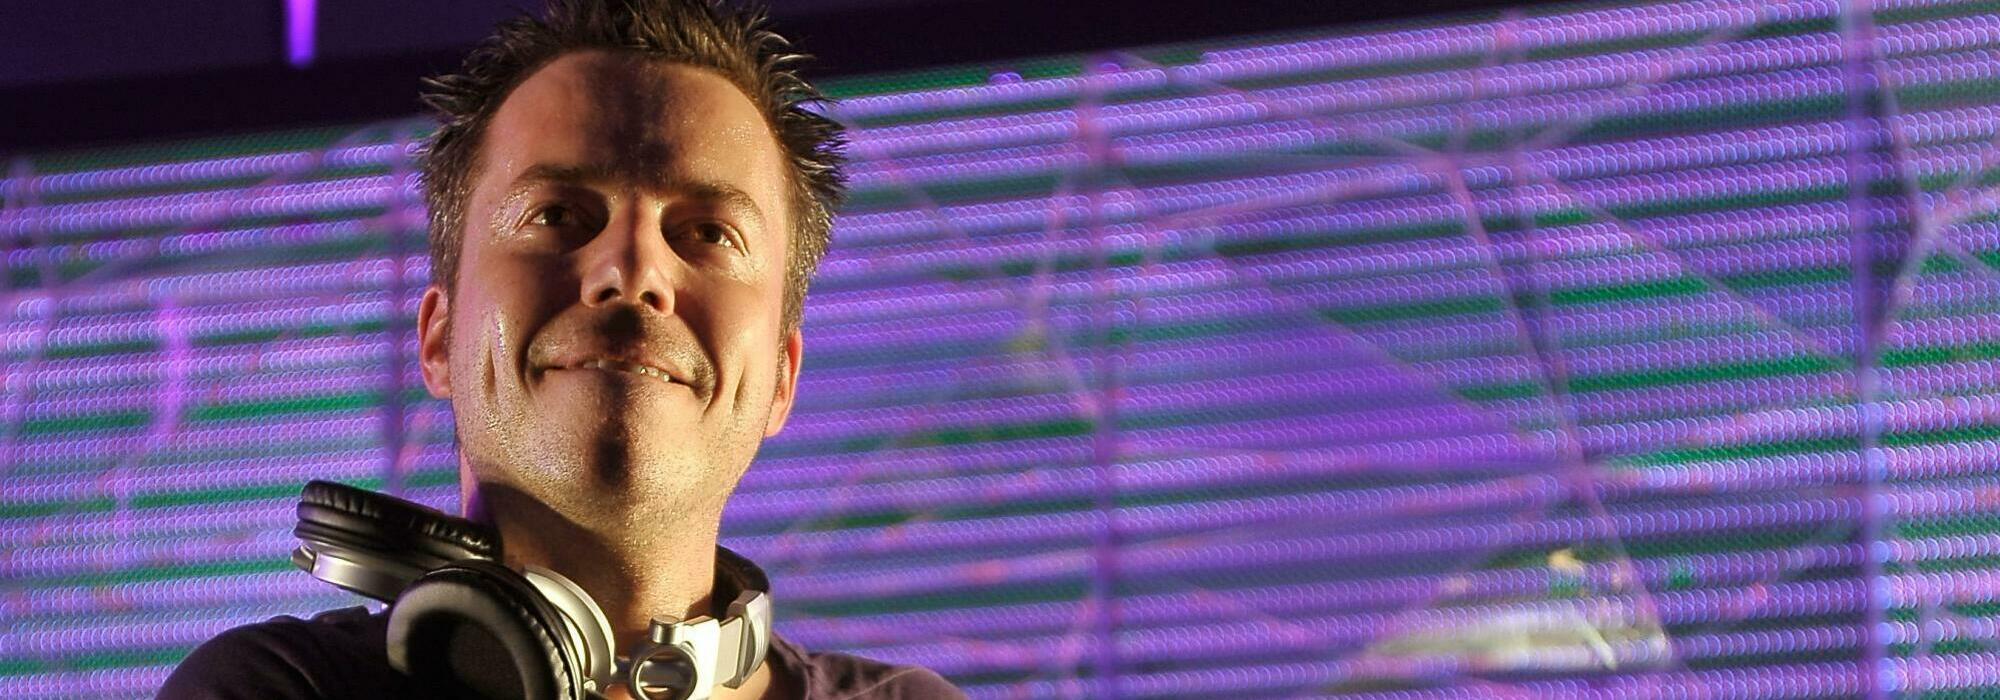 A Sander van Doorn live event